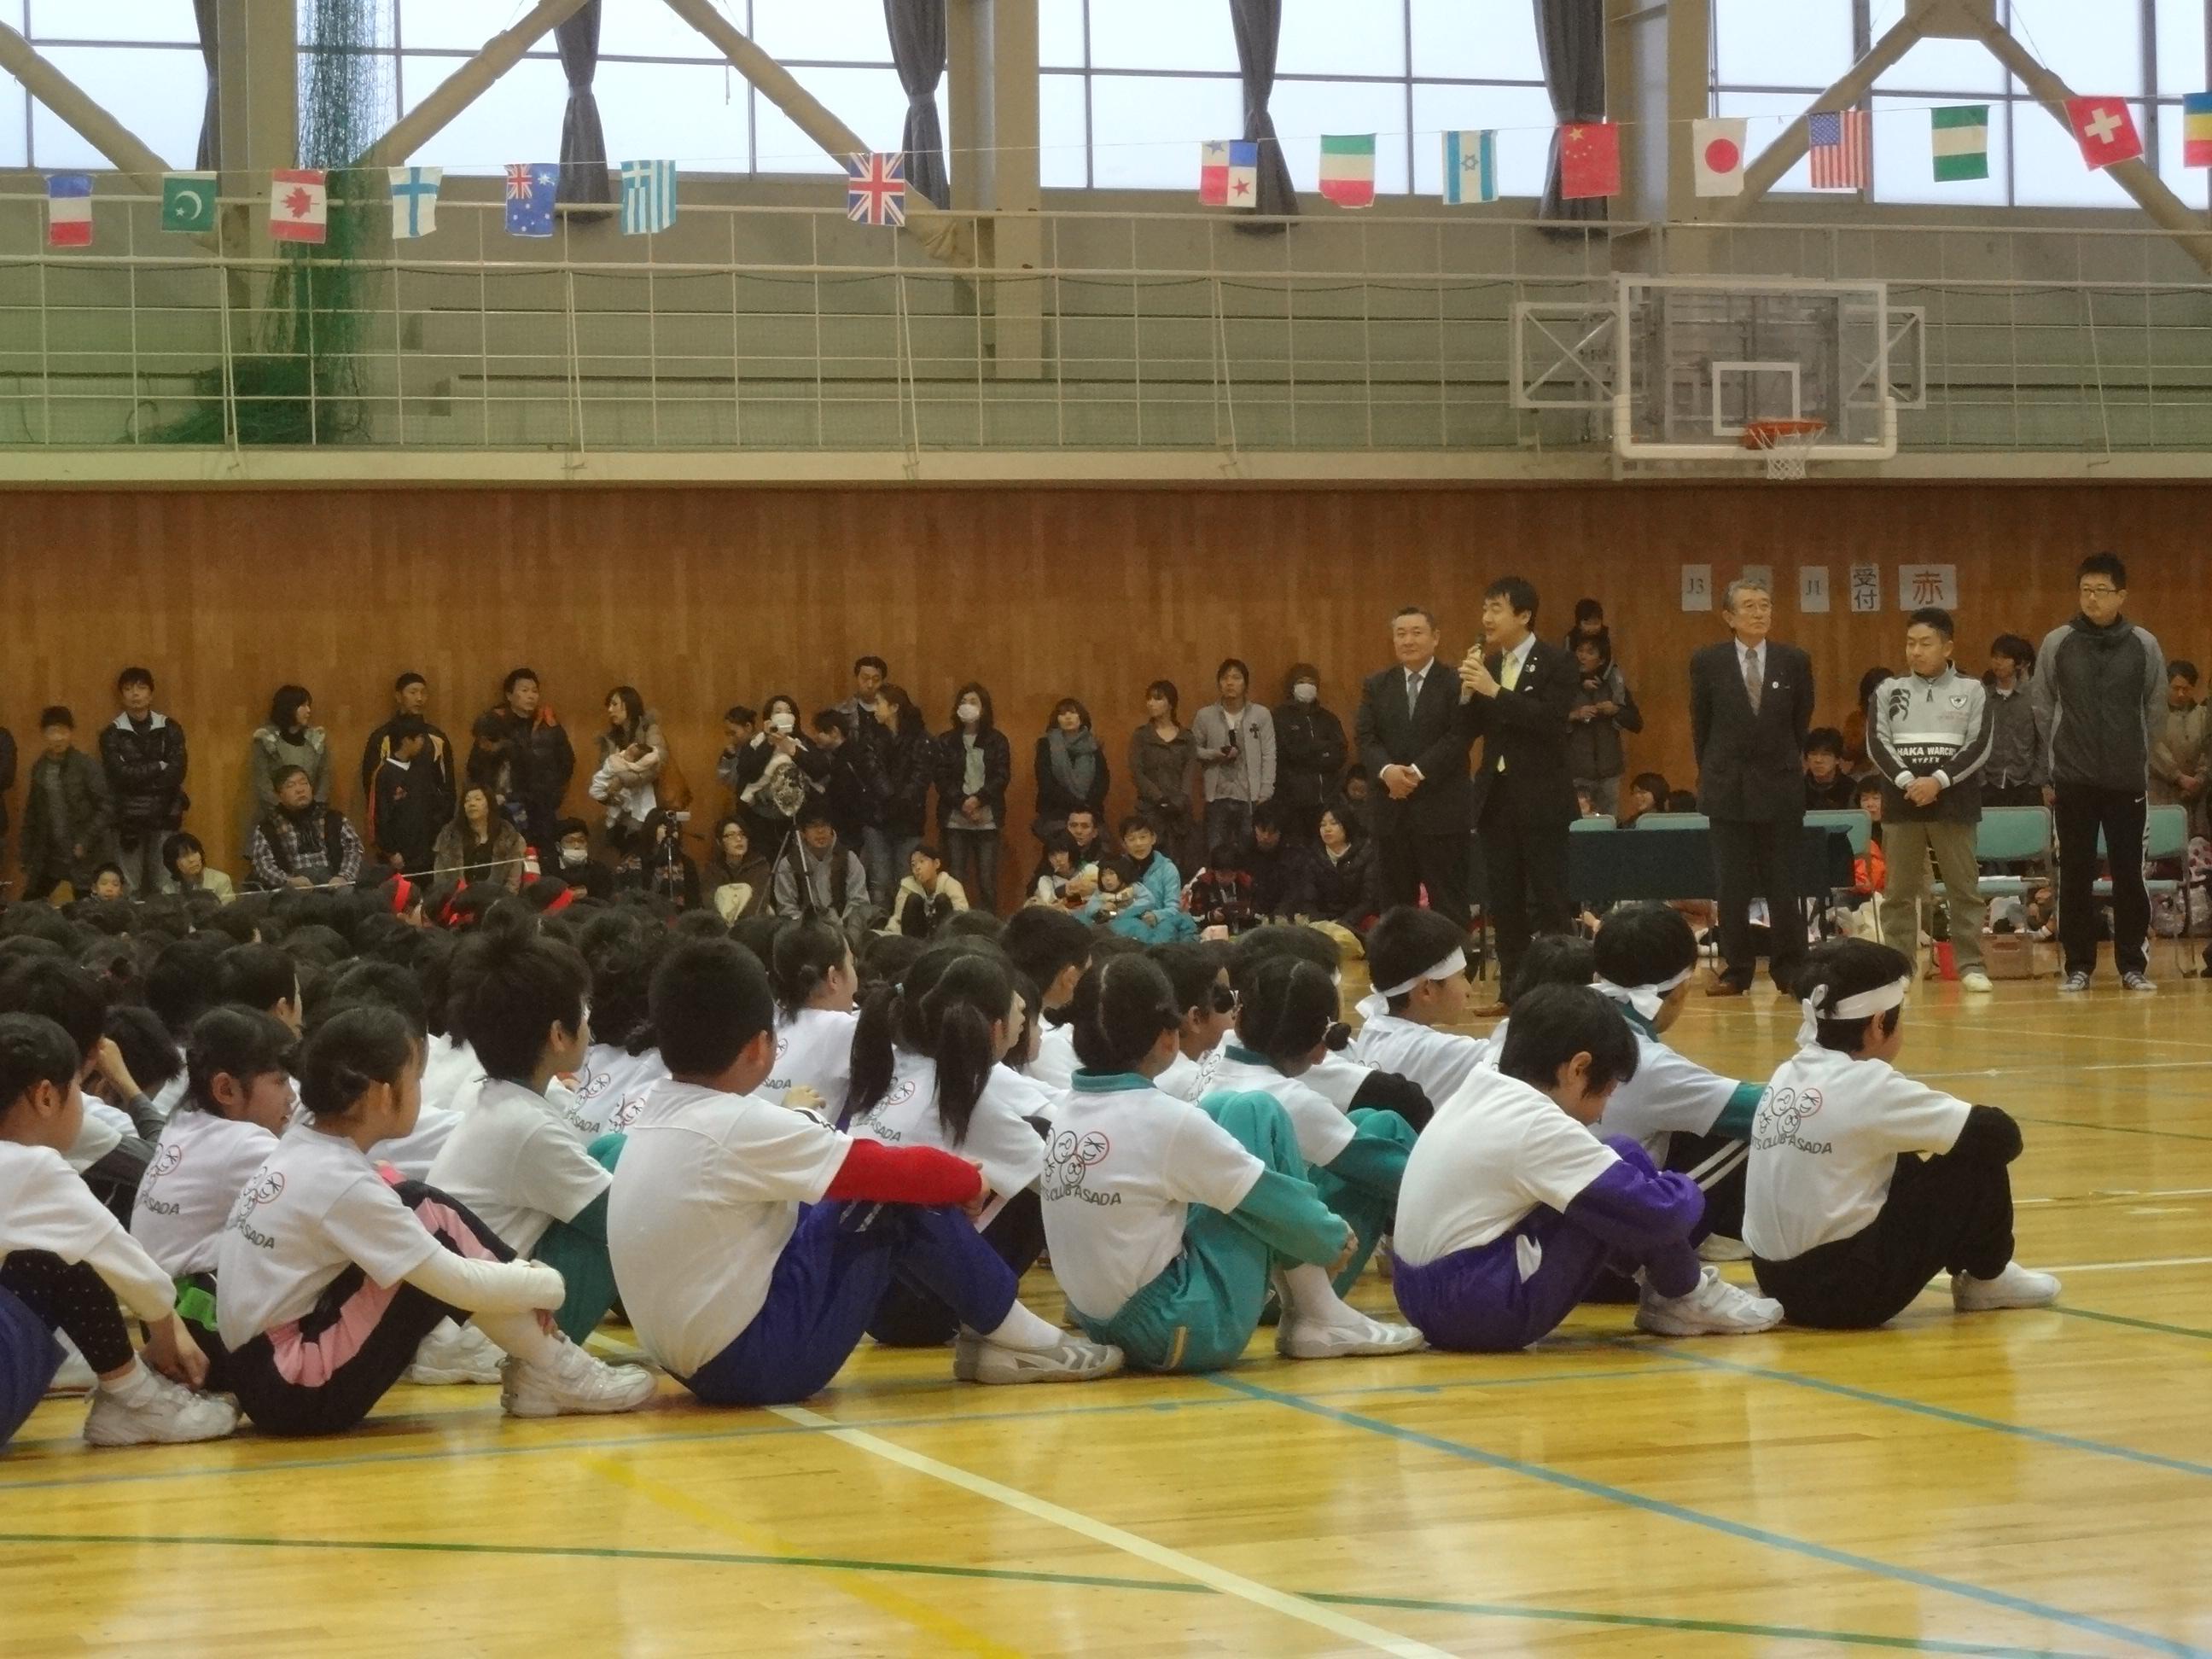 130310_スポーツクラブ浅田発表会_寺井体育館